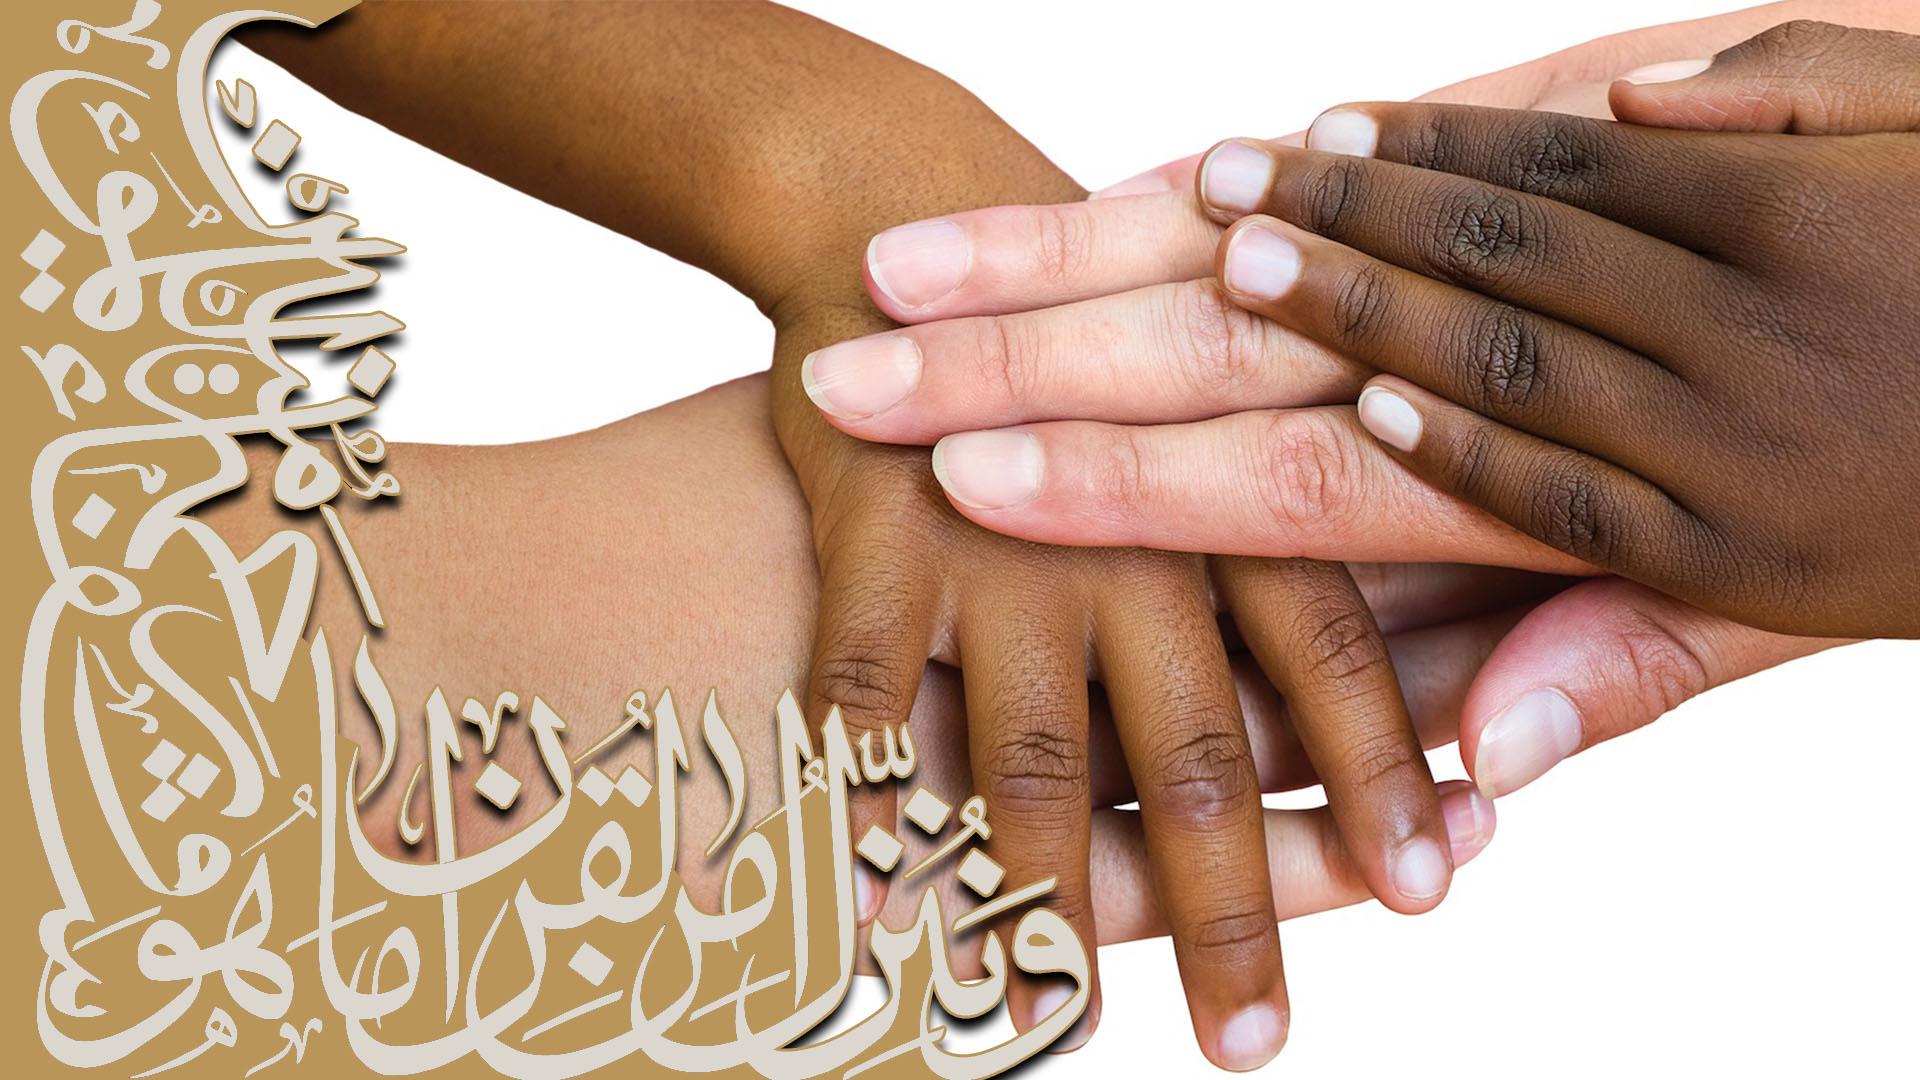 Jedinstvo u raznolikosti